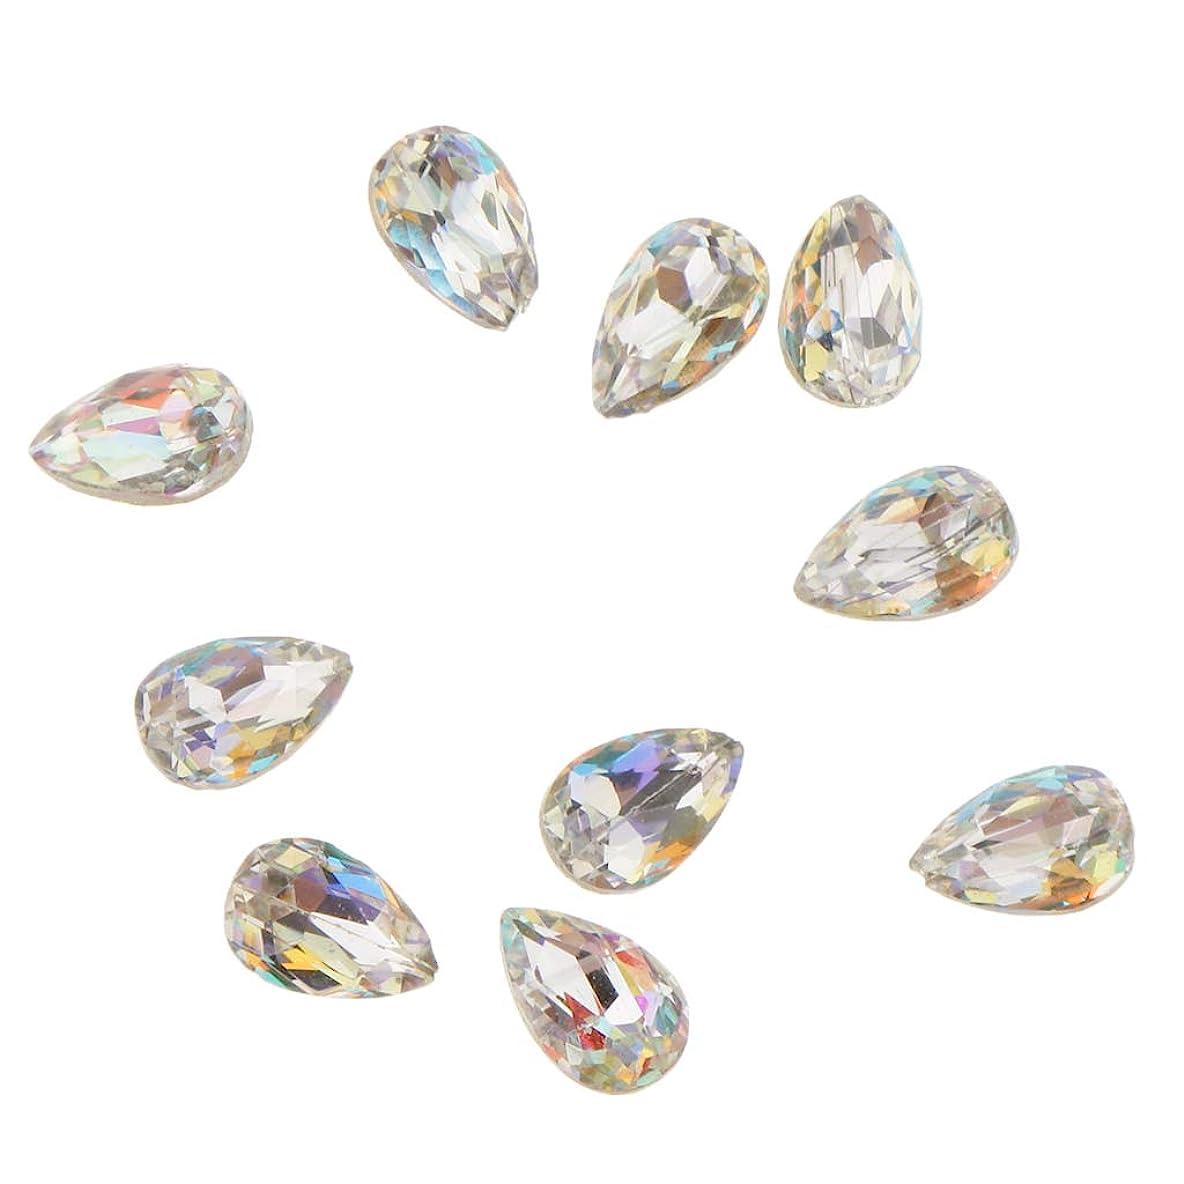 エンジン散逸常習的Fenteer 10個 ネイルアート 3D ネイルチャーム ガラス キラキラ おしゃれ ダイヤモンドチップ 装飾 美しい爪 魅力 5タイプ選べ - A